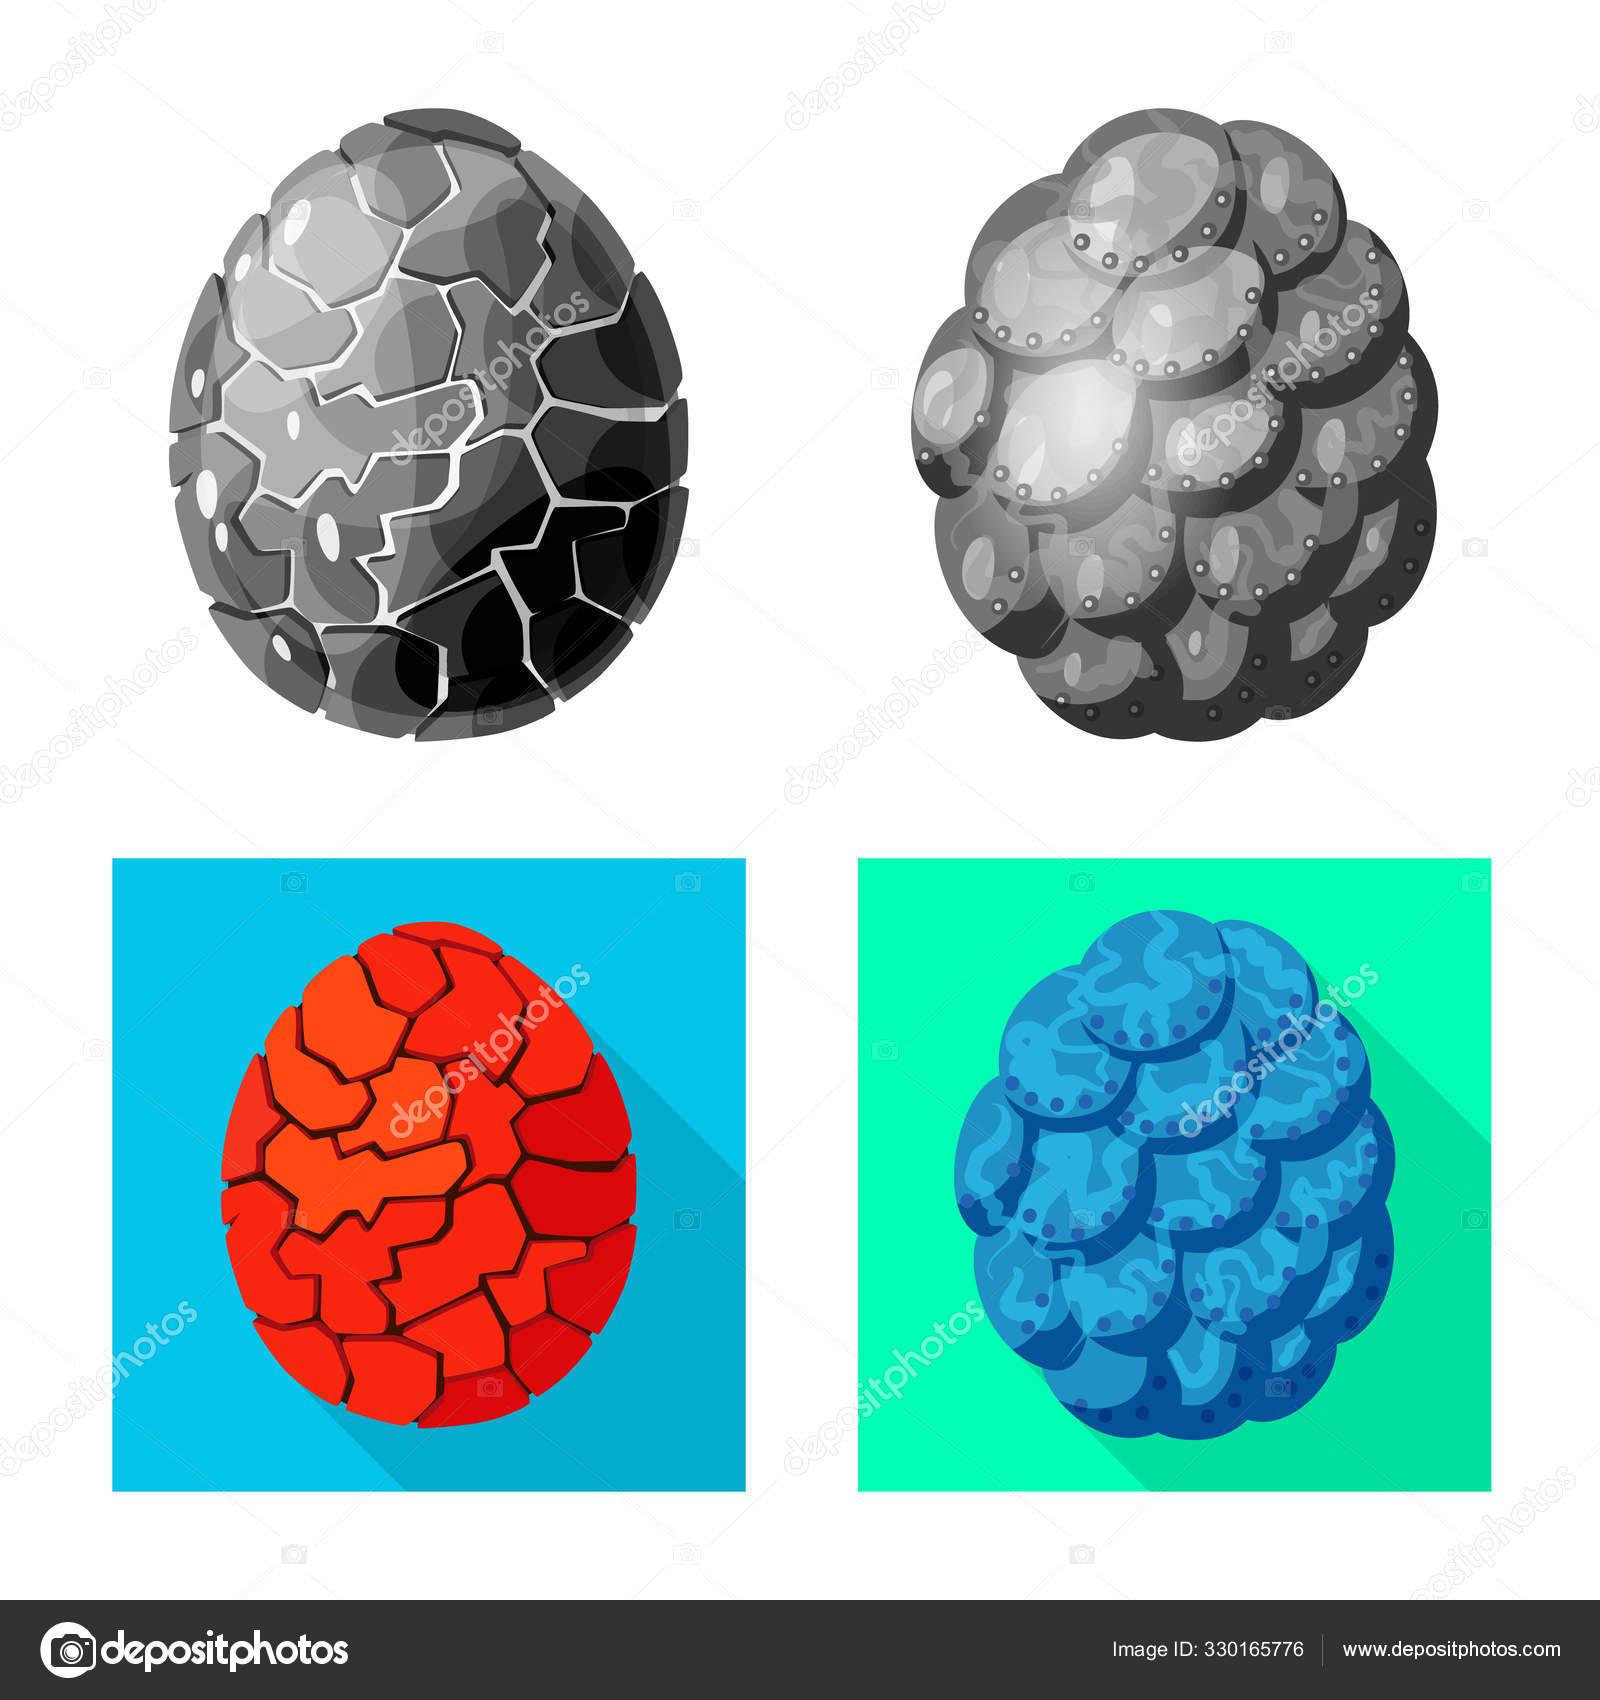 Icono de lindo lagarto vectores, gráficos, imágenes vectoriales ...